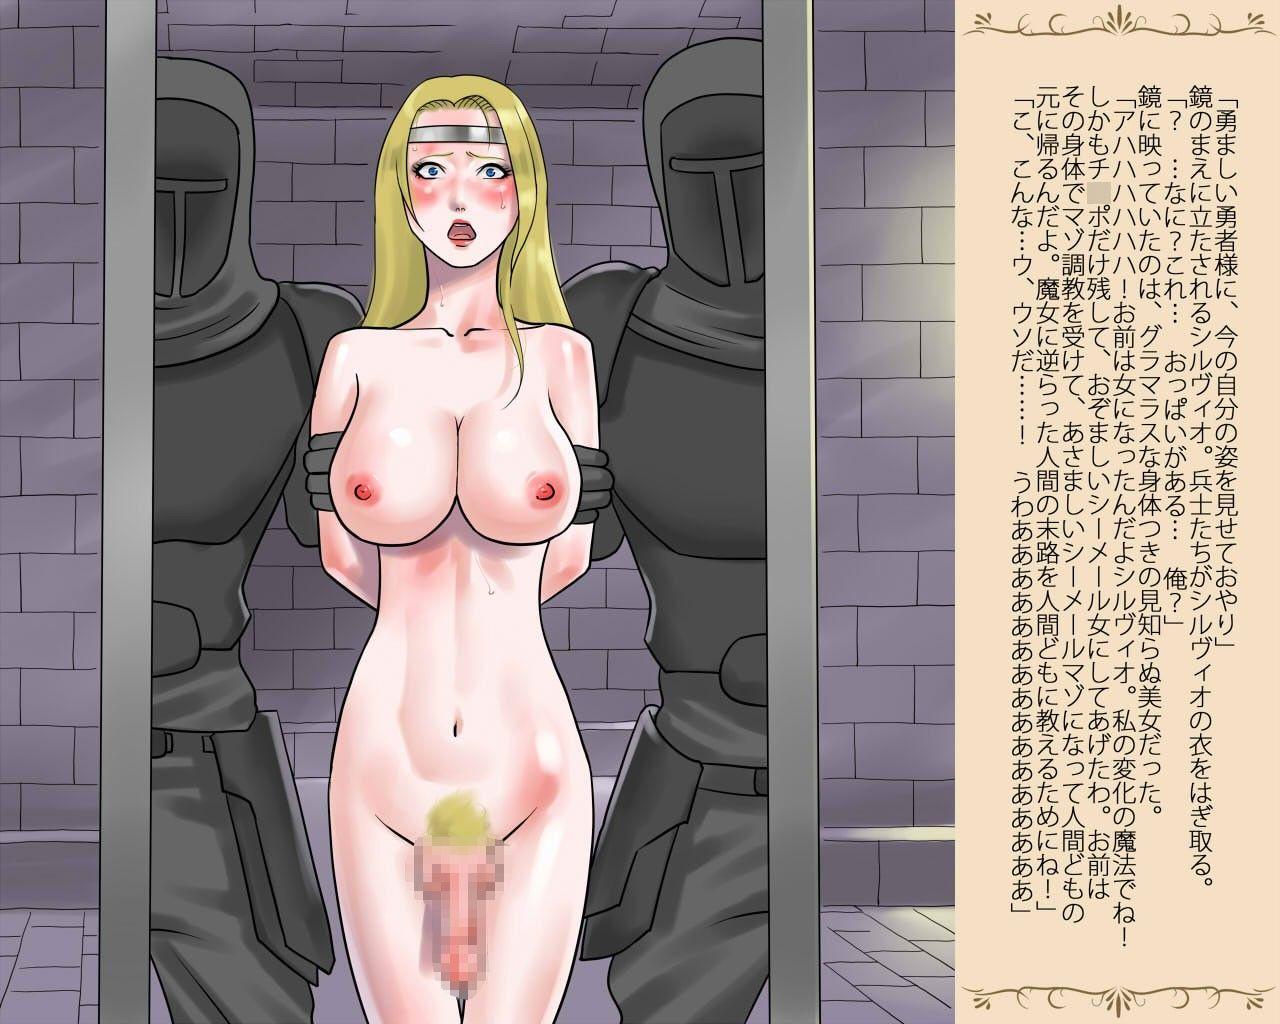 女体化された勇者様・恥辱の変態射精奴隷